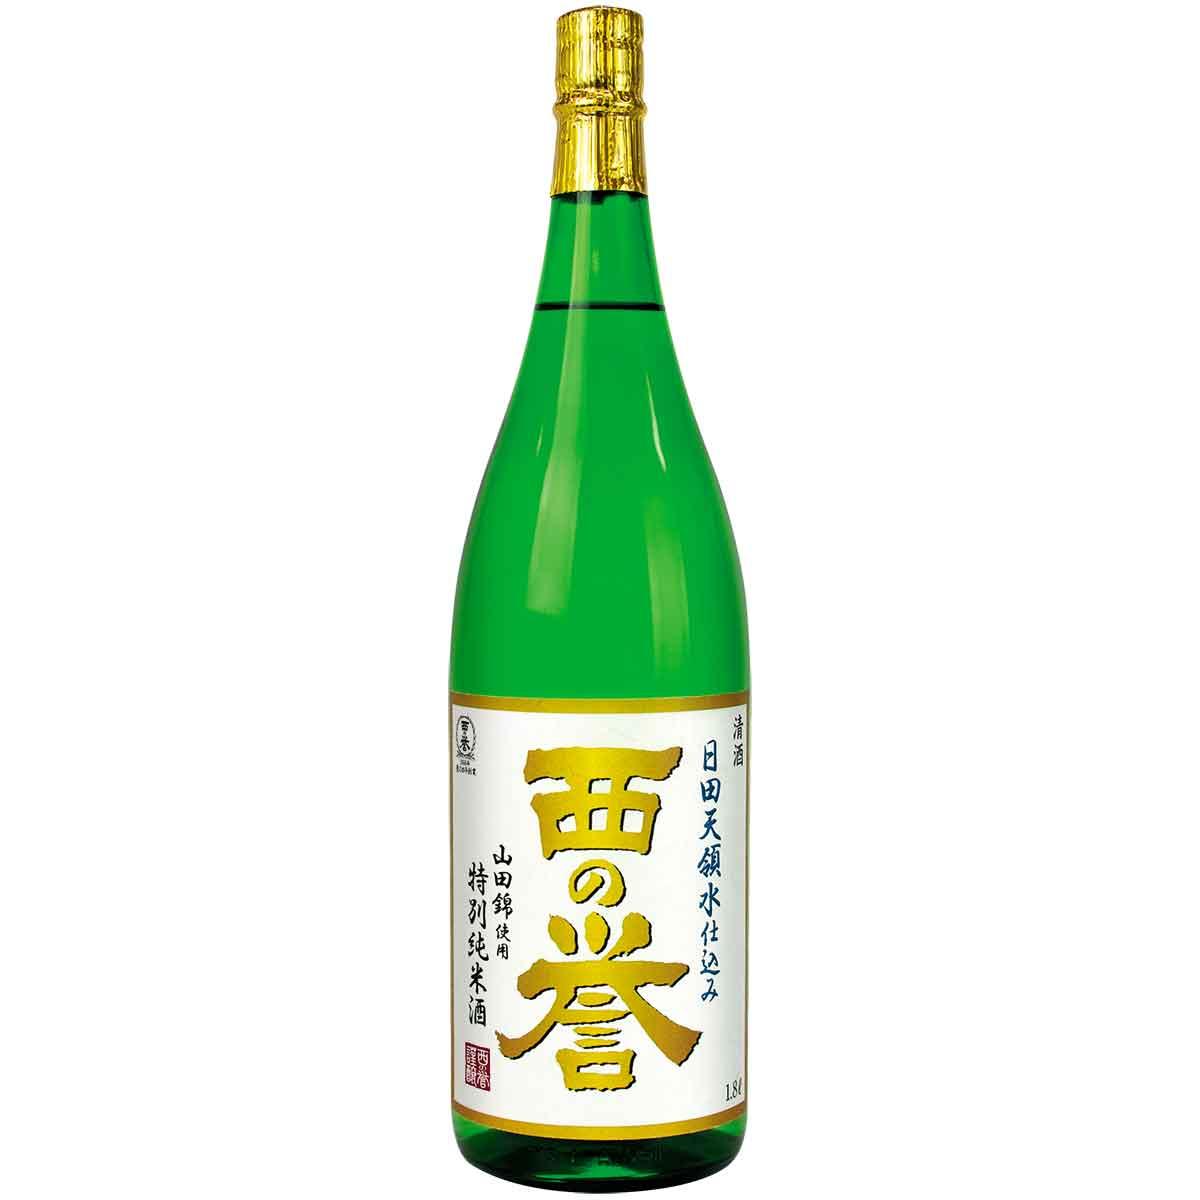 特別純米酒 西の誉 1.8L